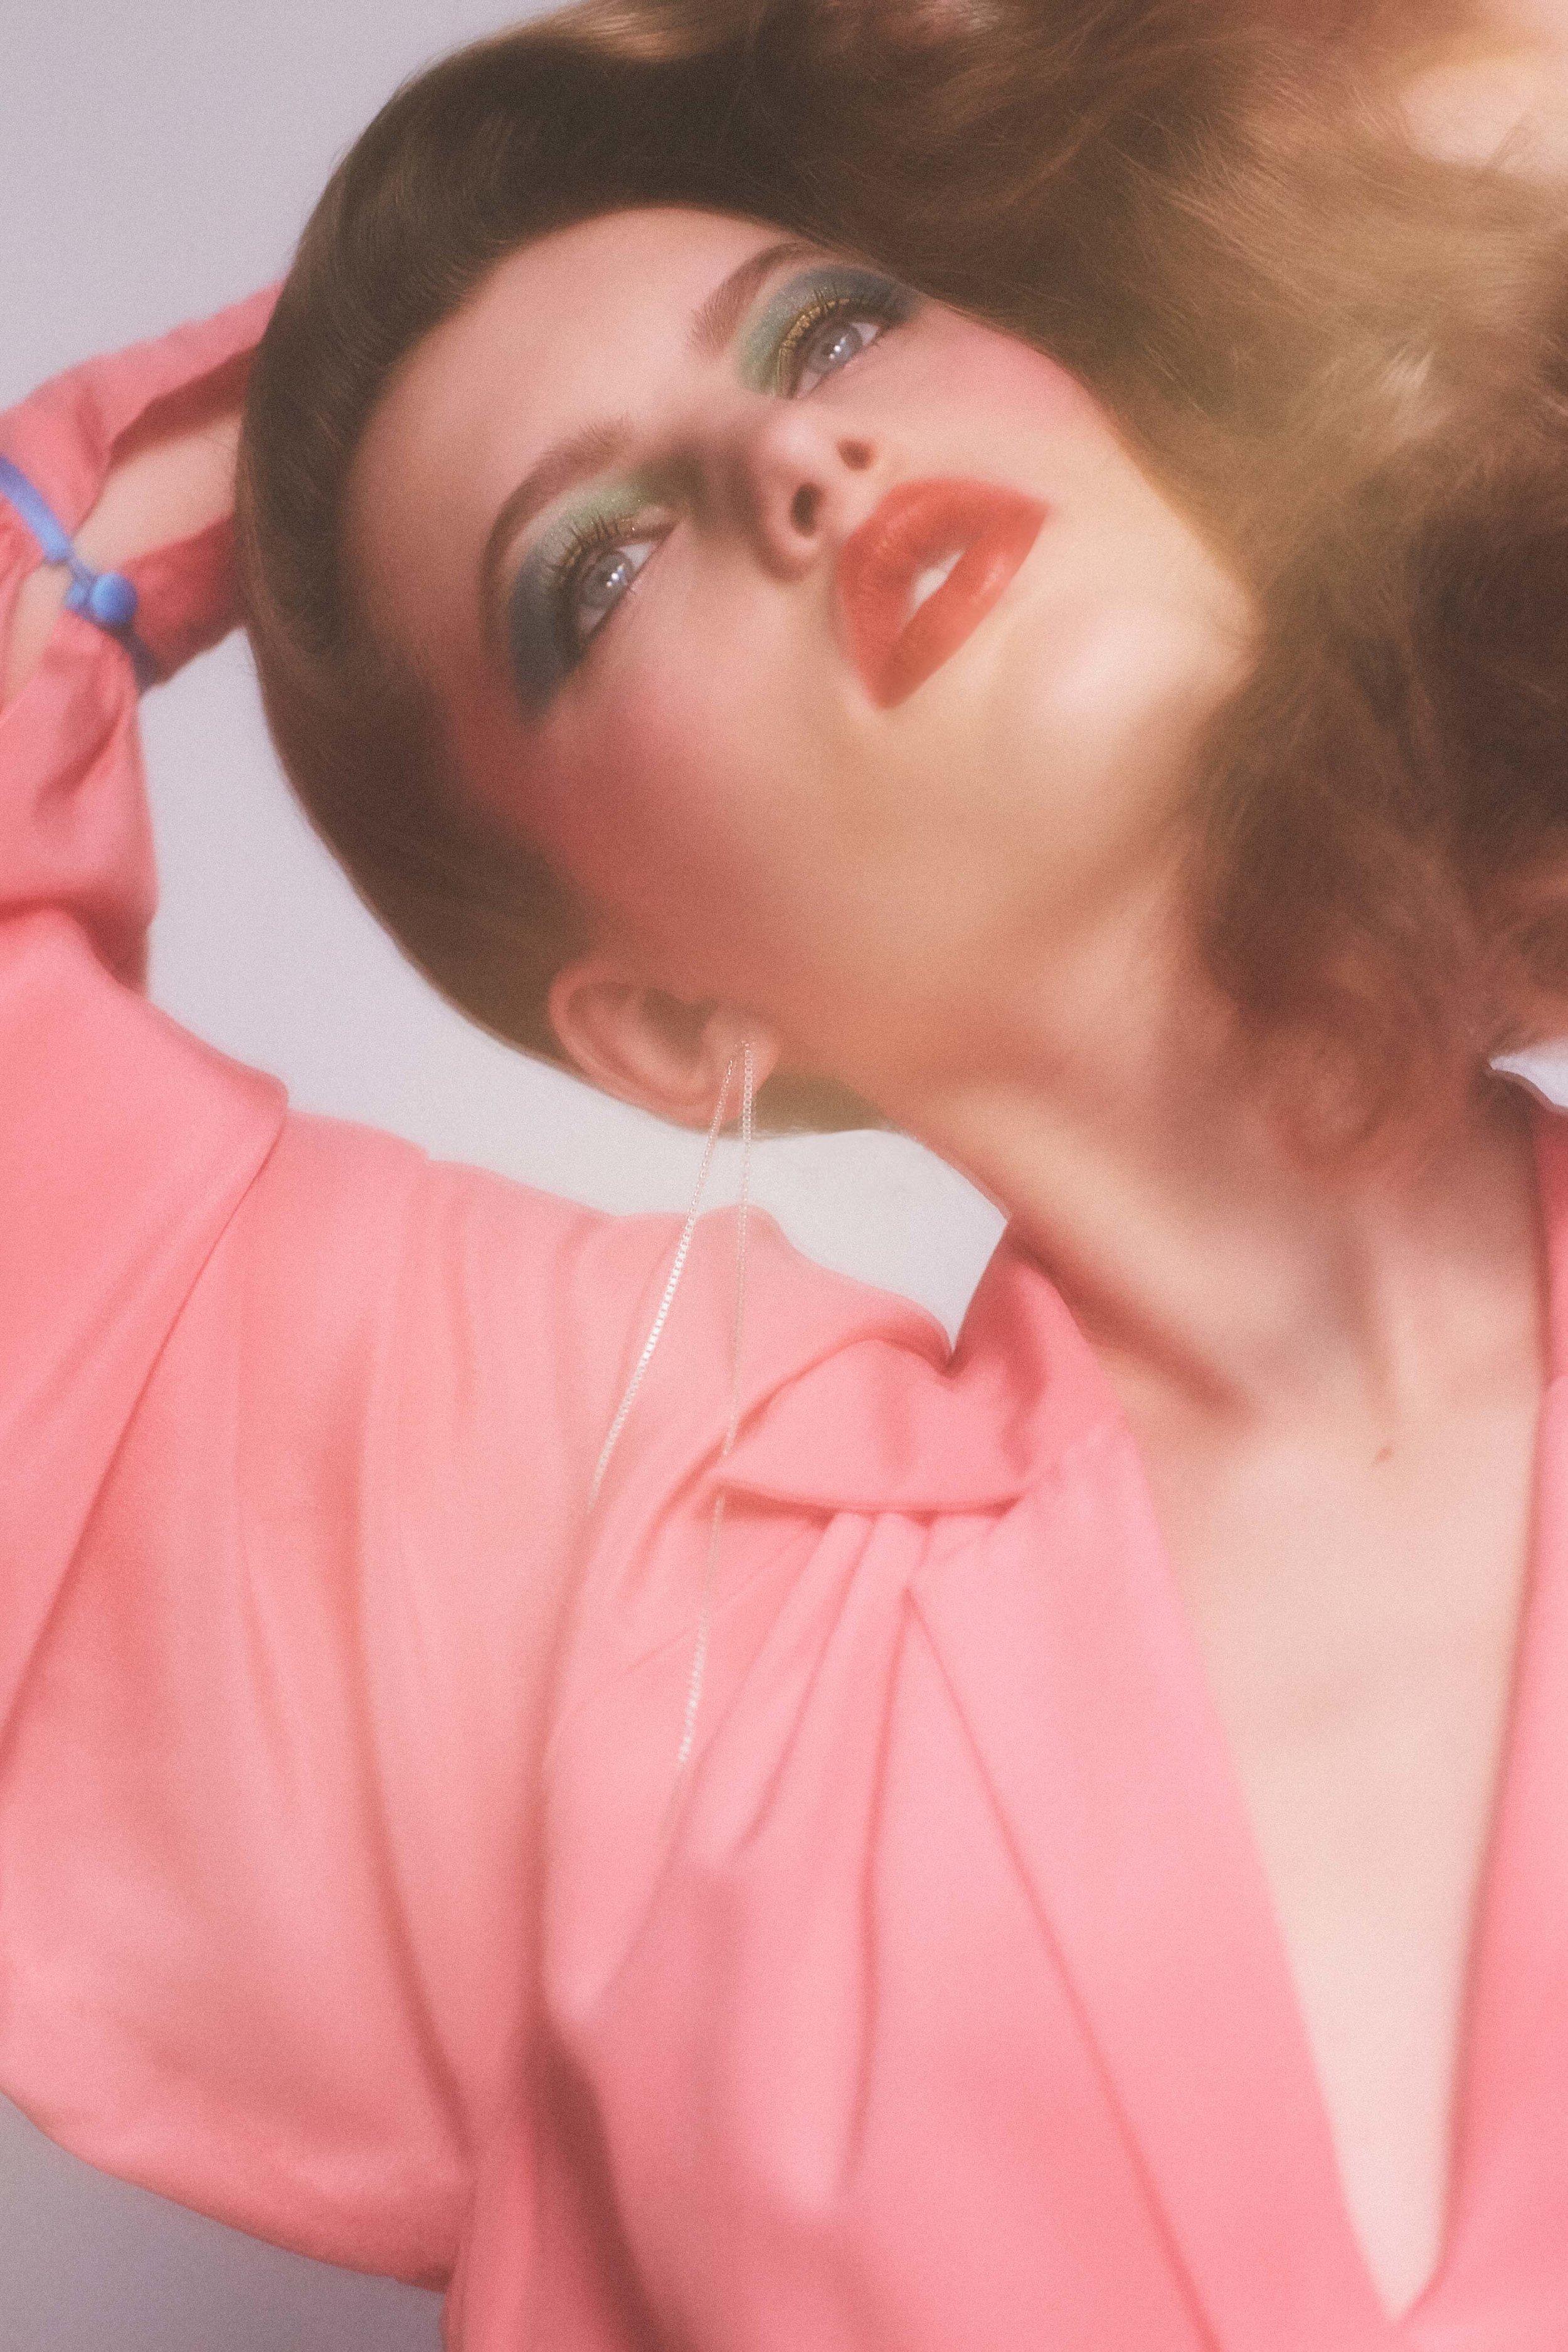 Vogue_Brazil_Beauty15855 copy.jpg